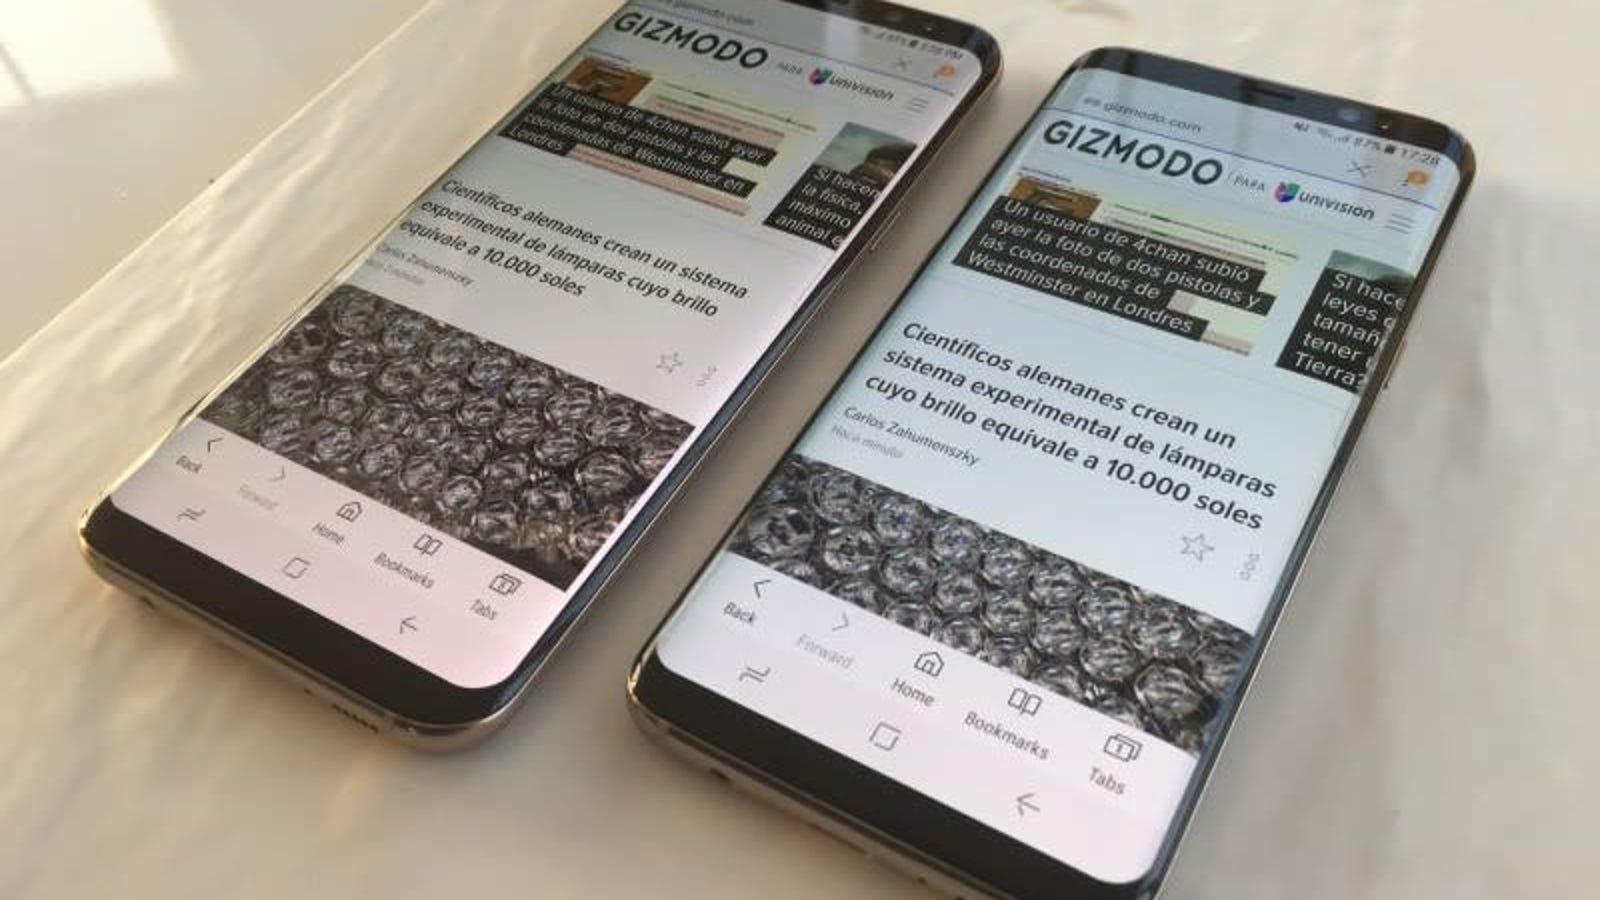 Los Samsung Galaxy S8 y Note 8 no recibirán la actualización de Android 10 (y son modelos de 2017)